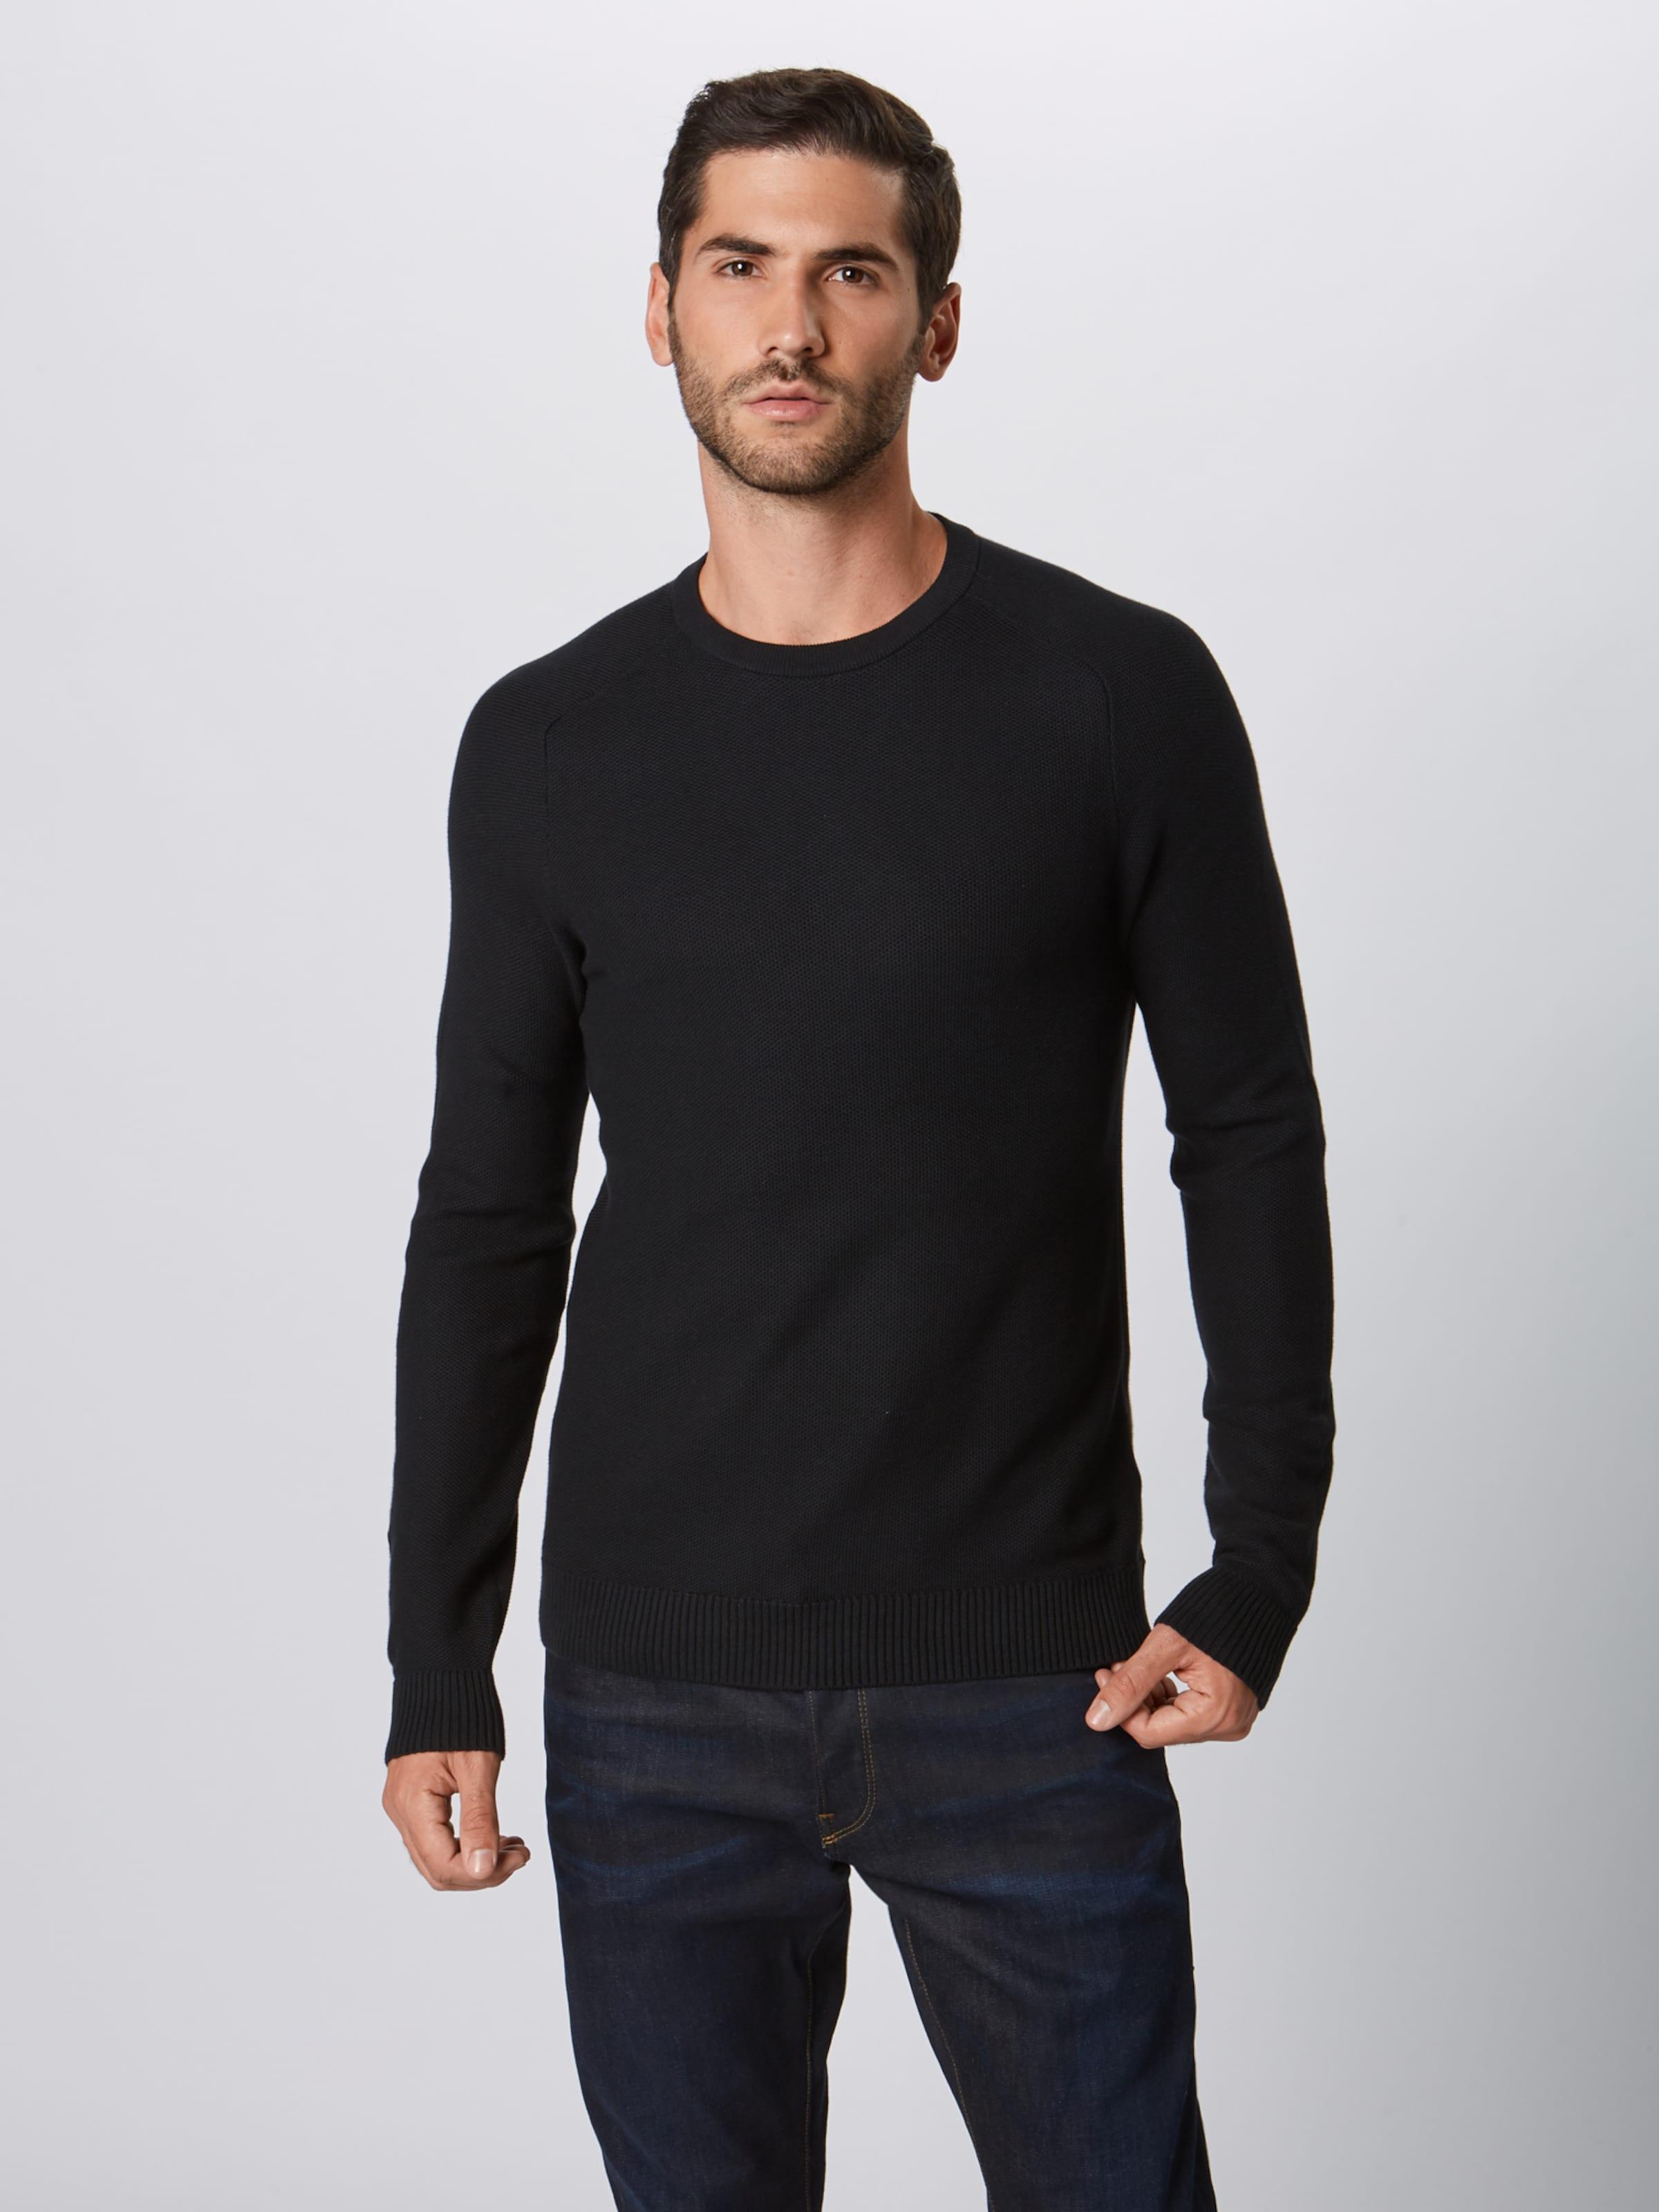 'honeycomb' Pullover Schwarz Esprit 'honeycomb' In In Pullover Schwarz Esprit trsQdh